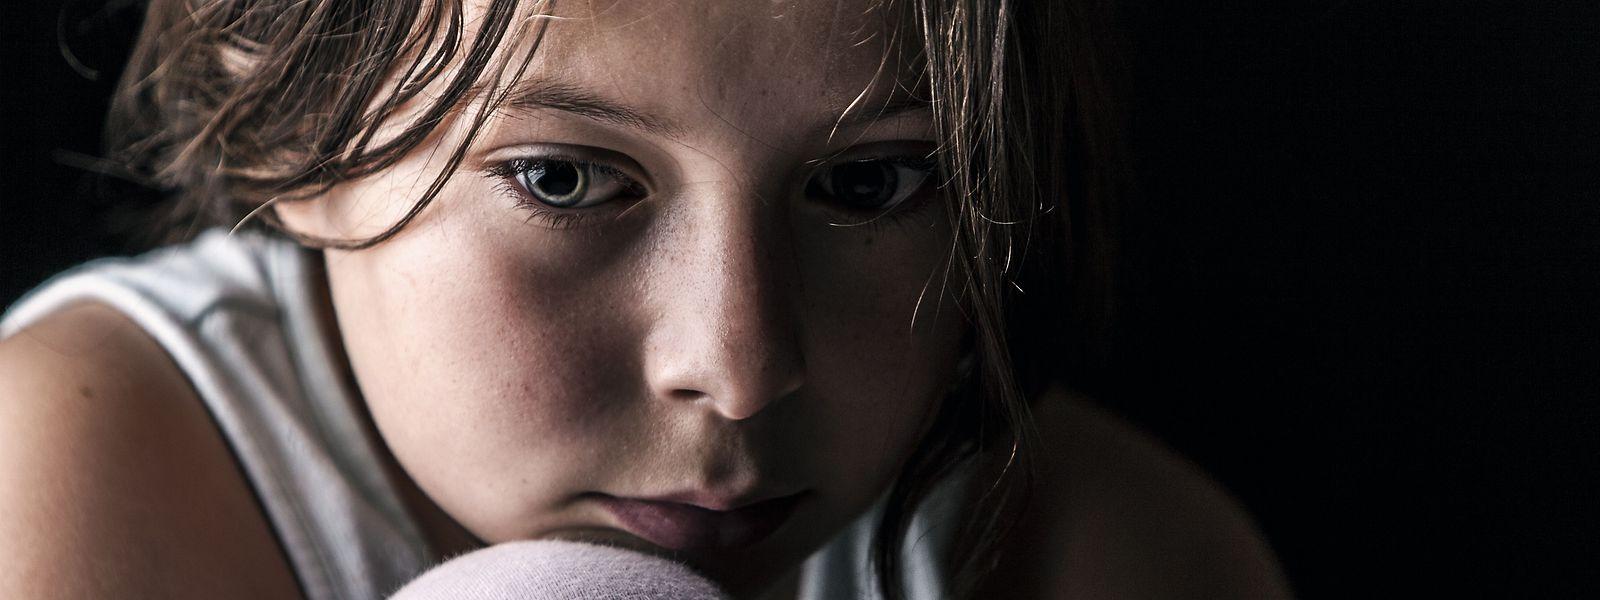 In Armut zu leben ist für Kinder mit vielfältigen Benachteiligungen verbunden.